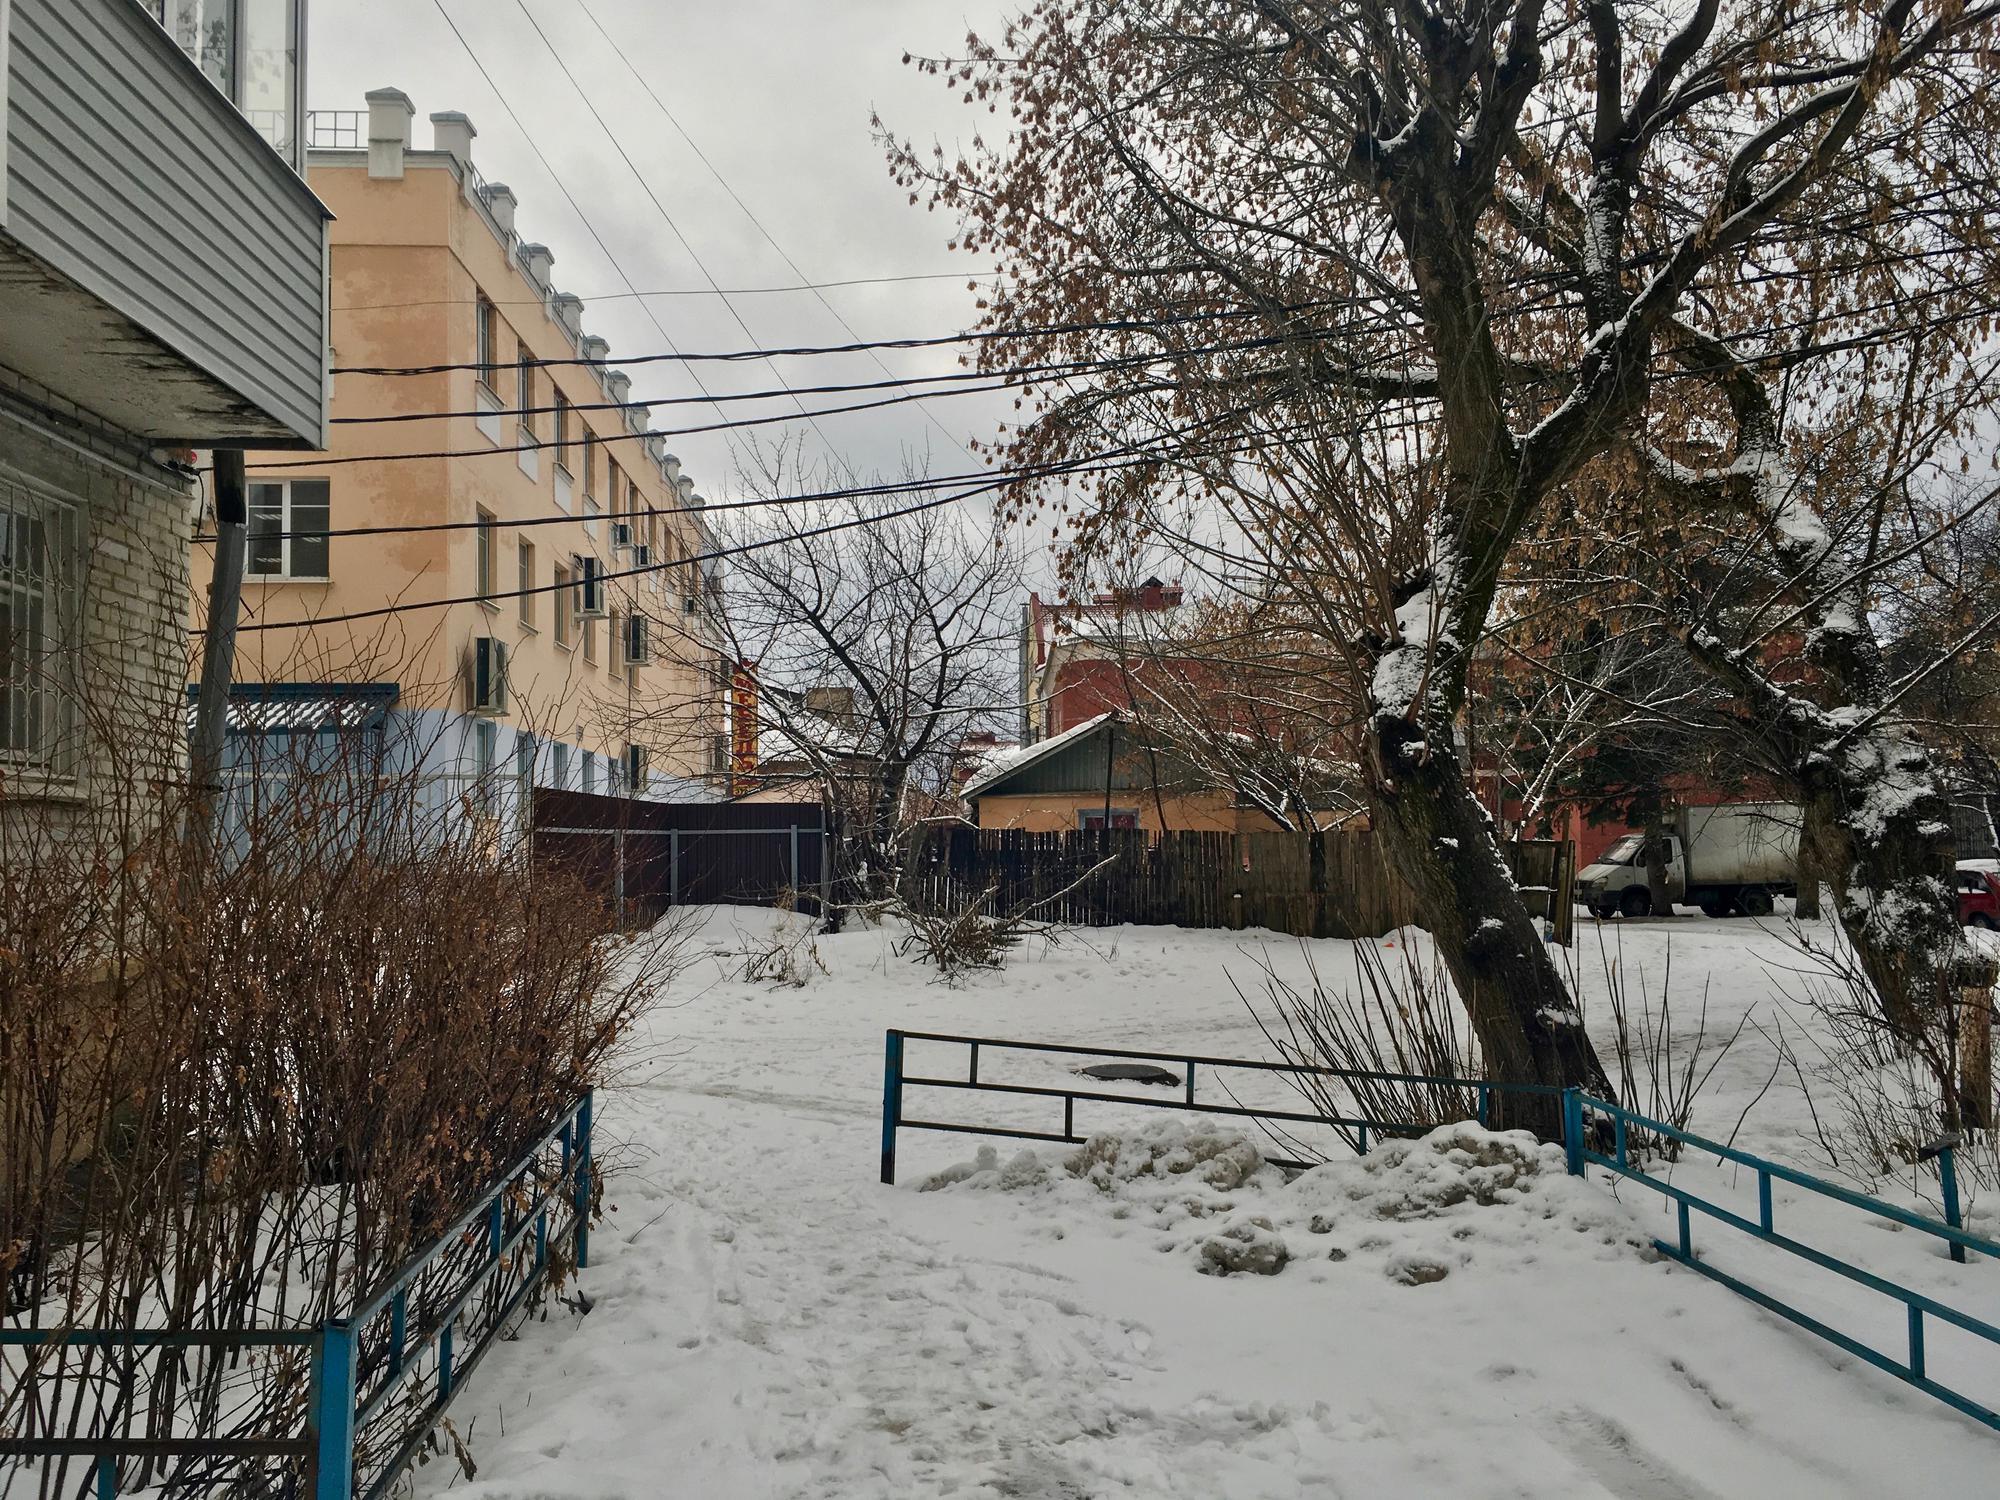 🇷🇺 Калуга, Россия, февраль 2017.